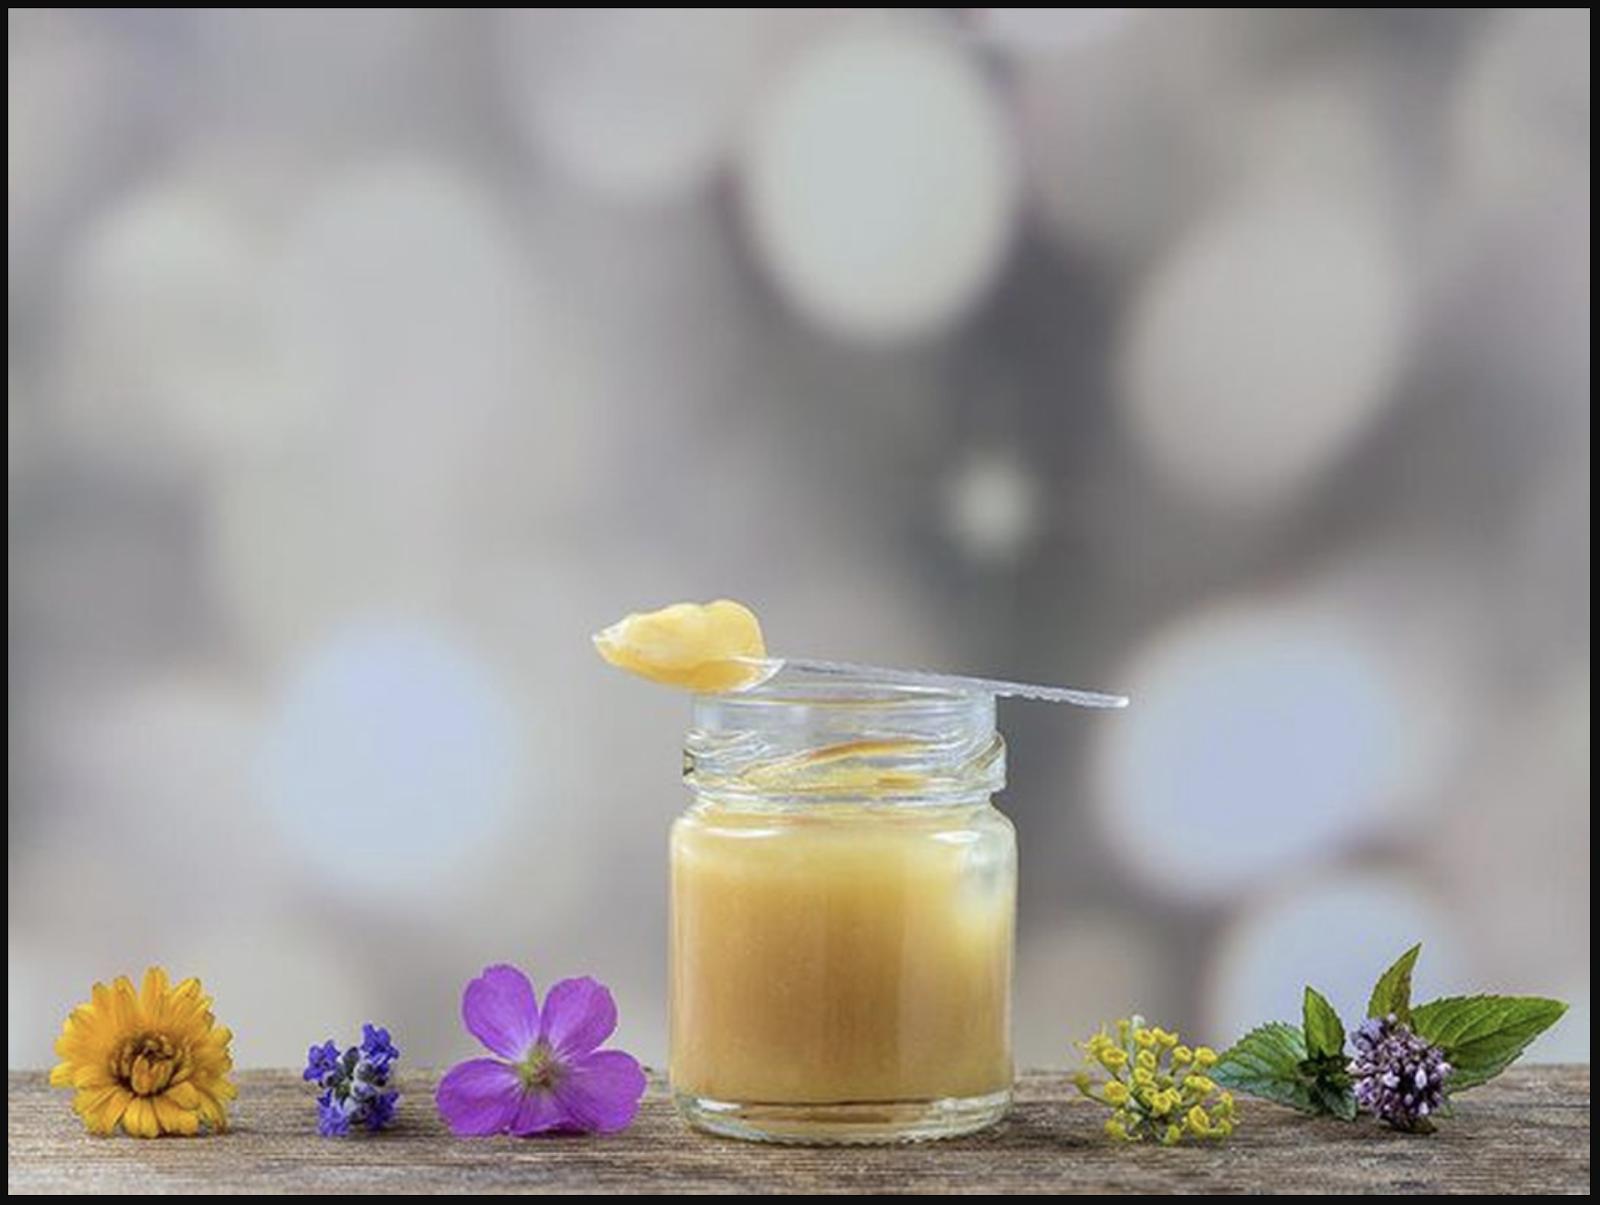 Trong thành phần của sữa có chứa nhiều chất chống viêm